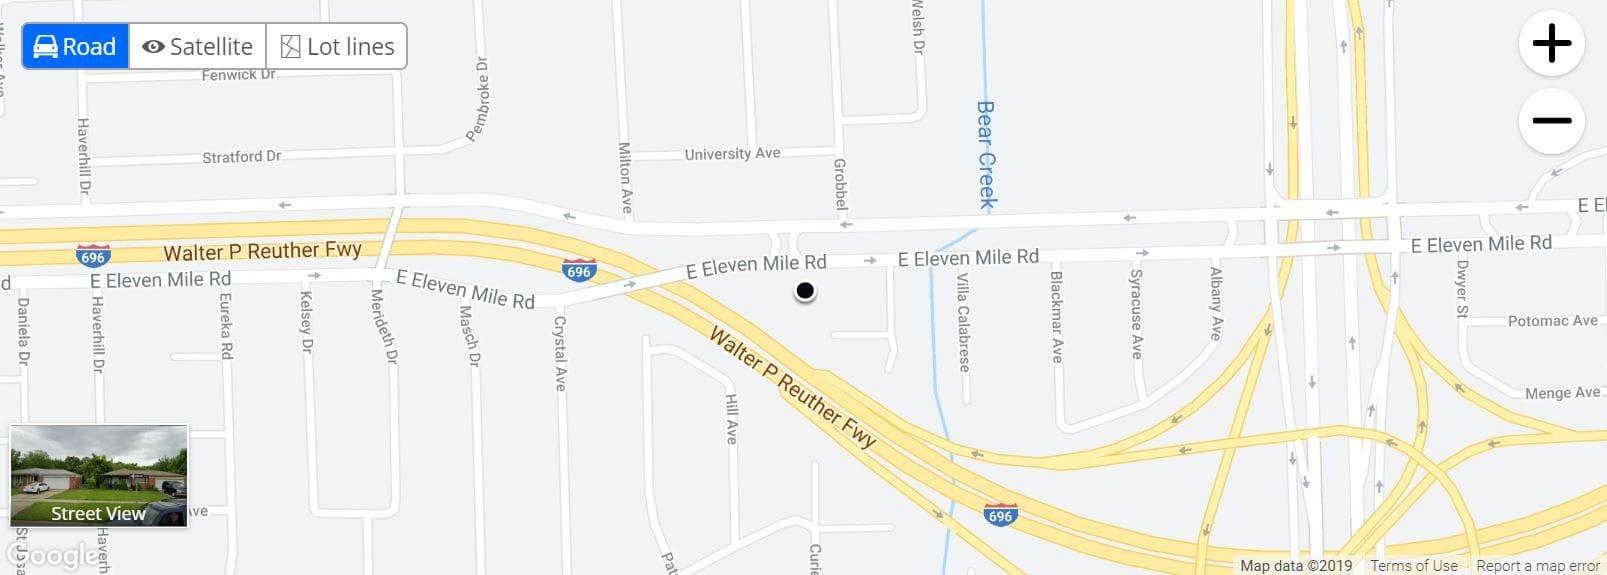 5156 E 11 Mile Road Warren 48091 | Cashflowpositive.com